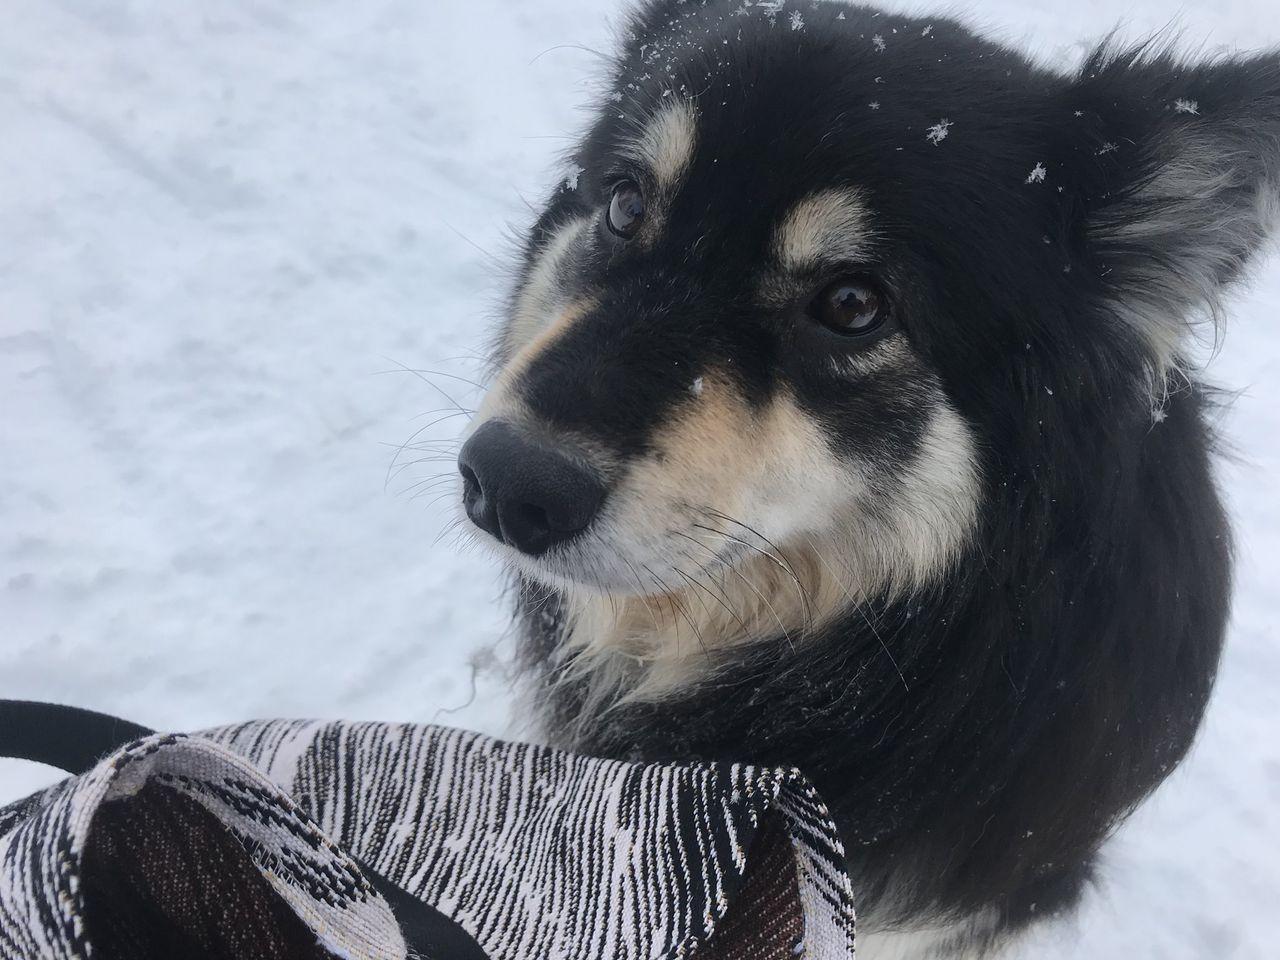 【事故】なるちゃん、フィンランド犬に襲われる【動画】